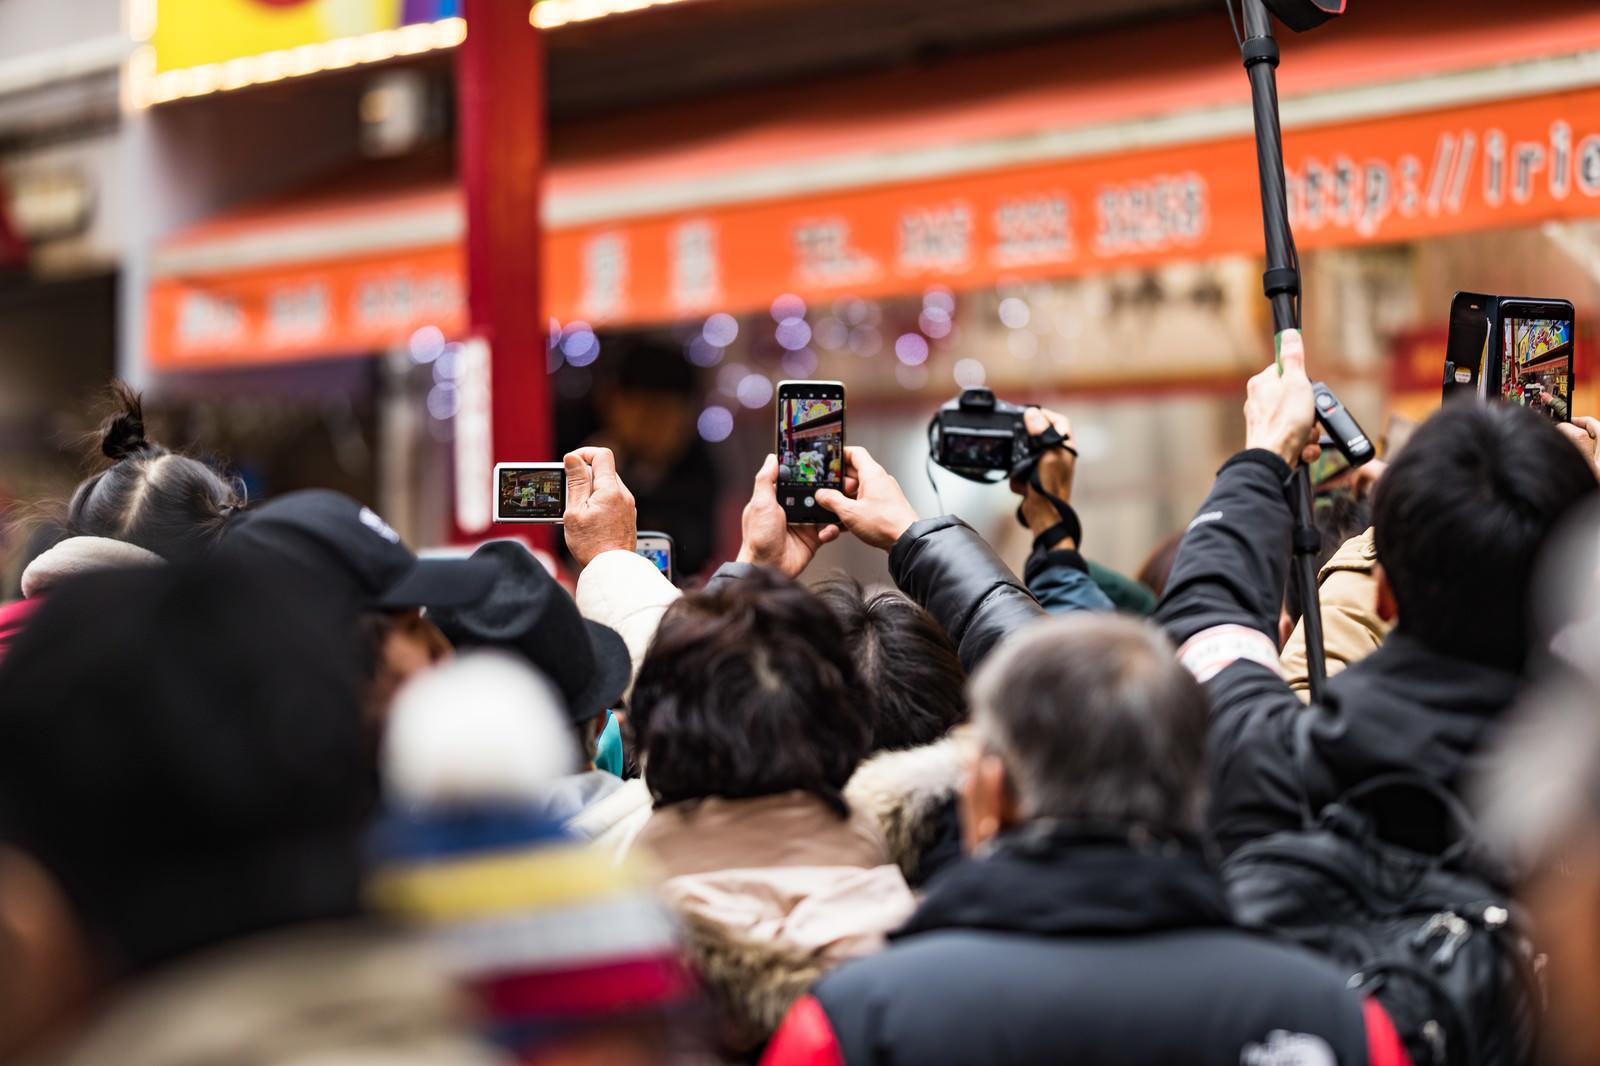 「スマホで撮影する人たち」の写真